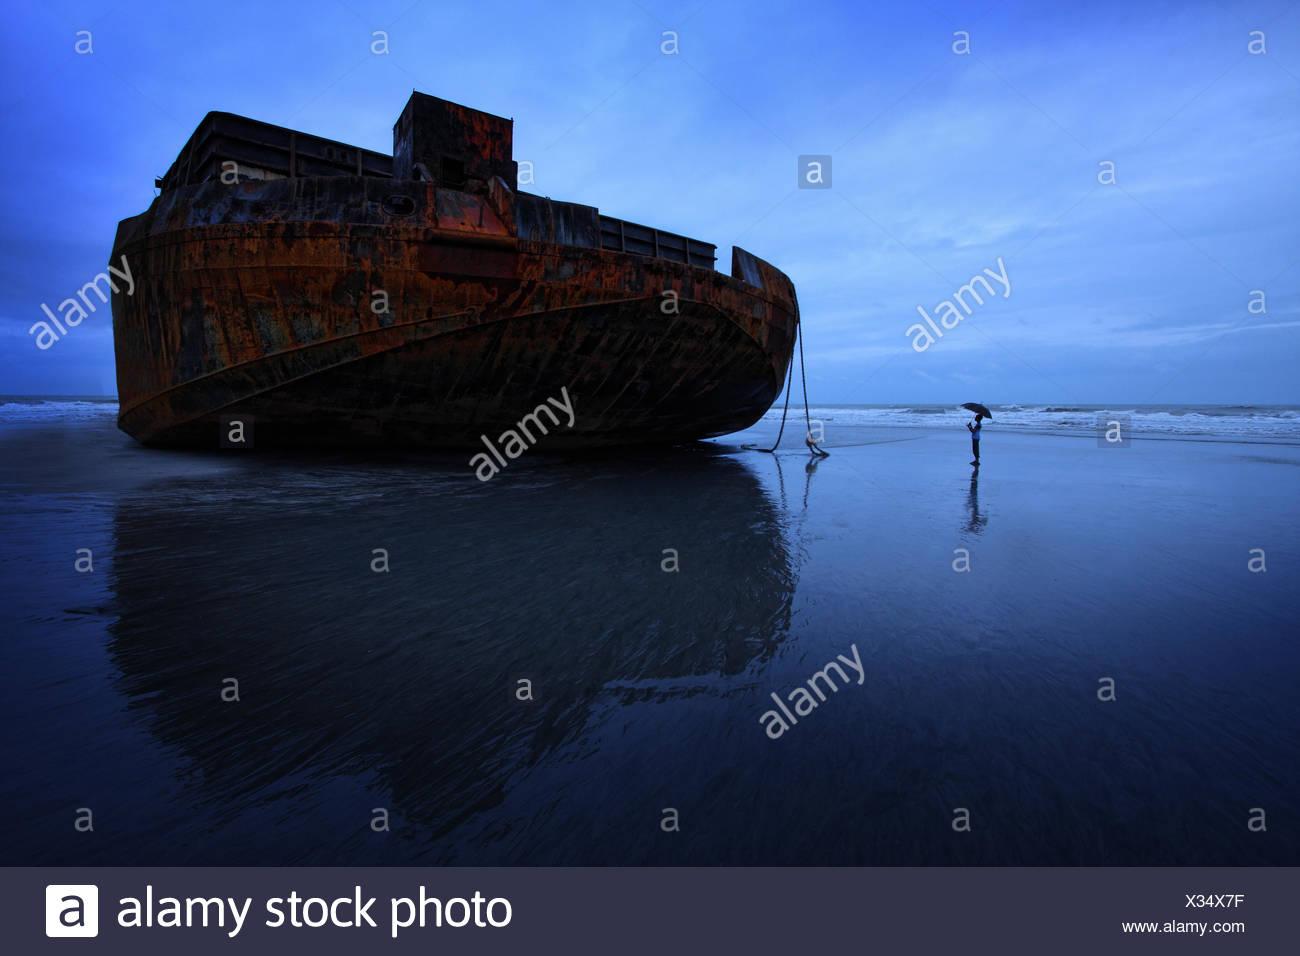 Boy (14-15) dwarfed by huge abandoned barge - Stock Image